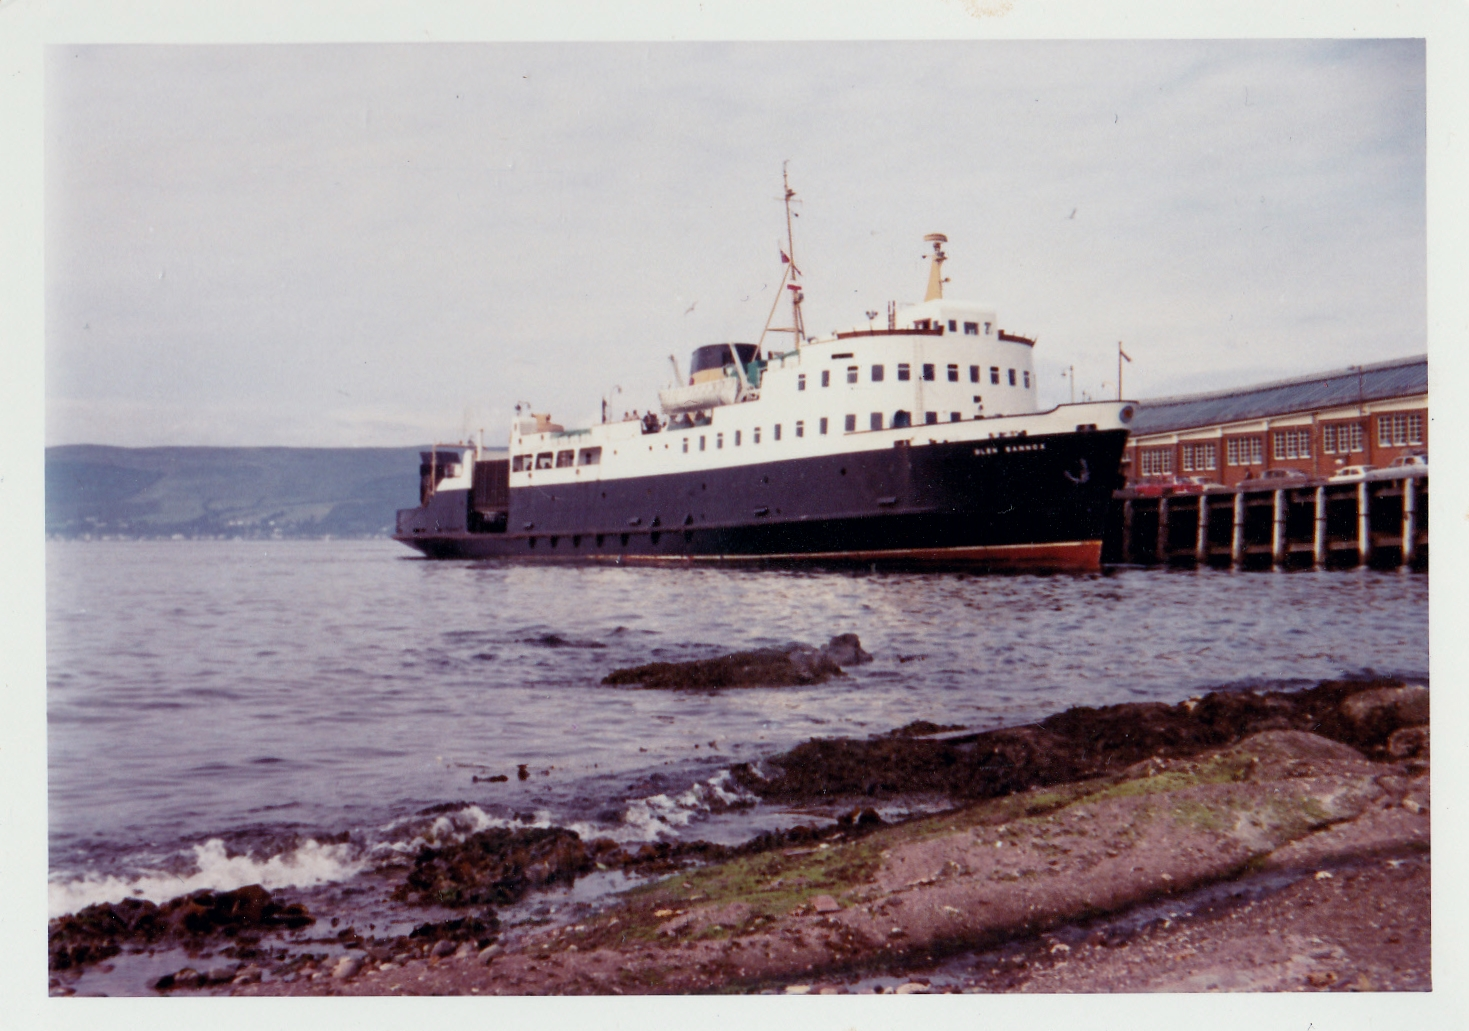 Glen Sannox at Wemyss Bay (Jim Aikman Smith)